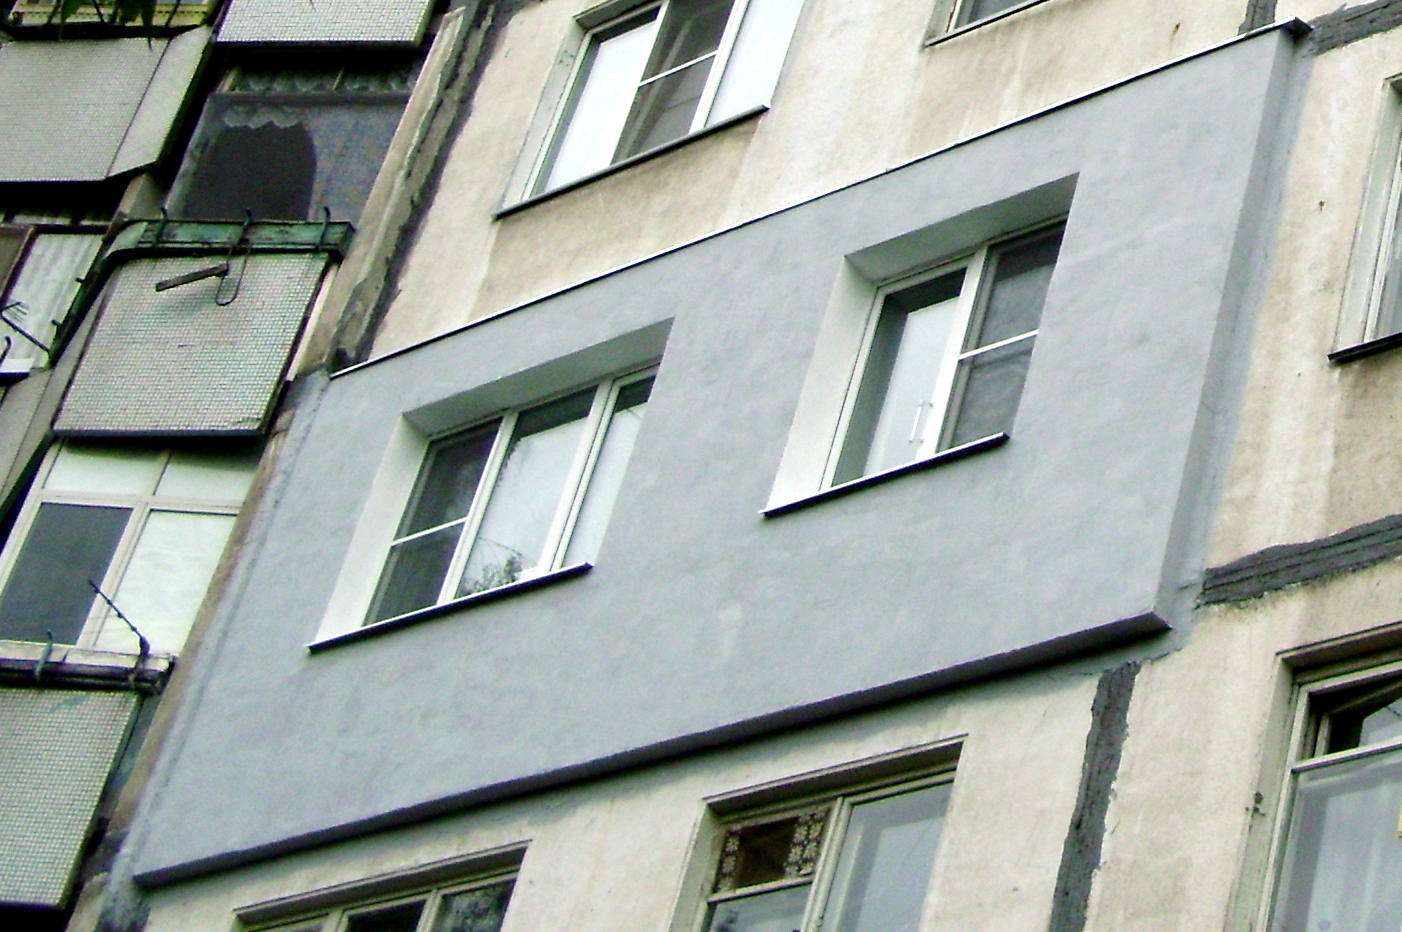 Утепление стен снаружи с помощью пенополистирола: эстетично и красиво